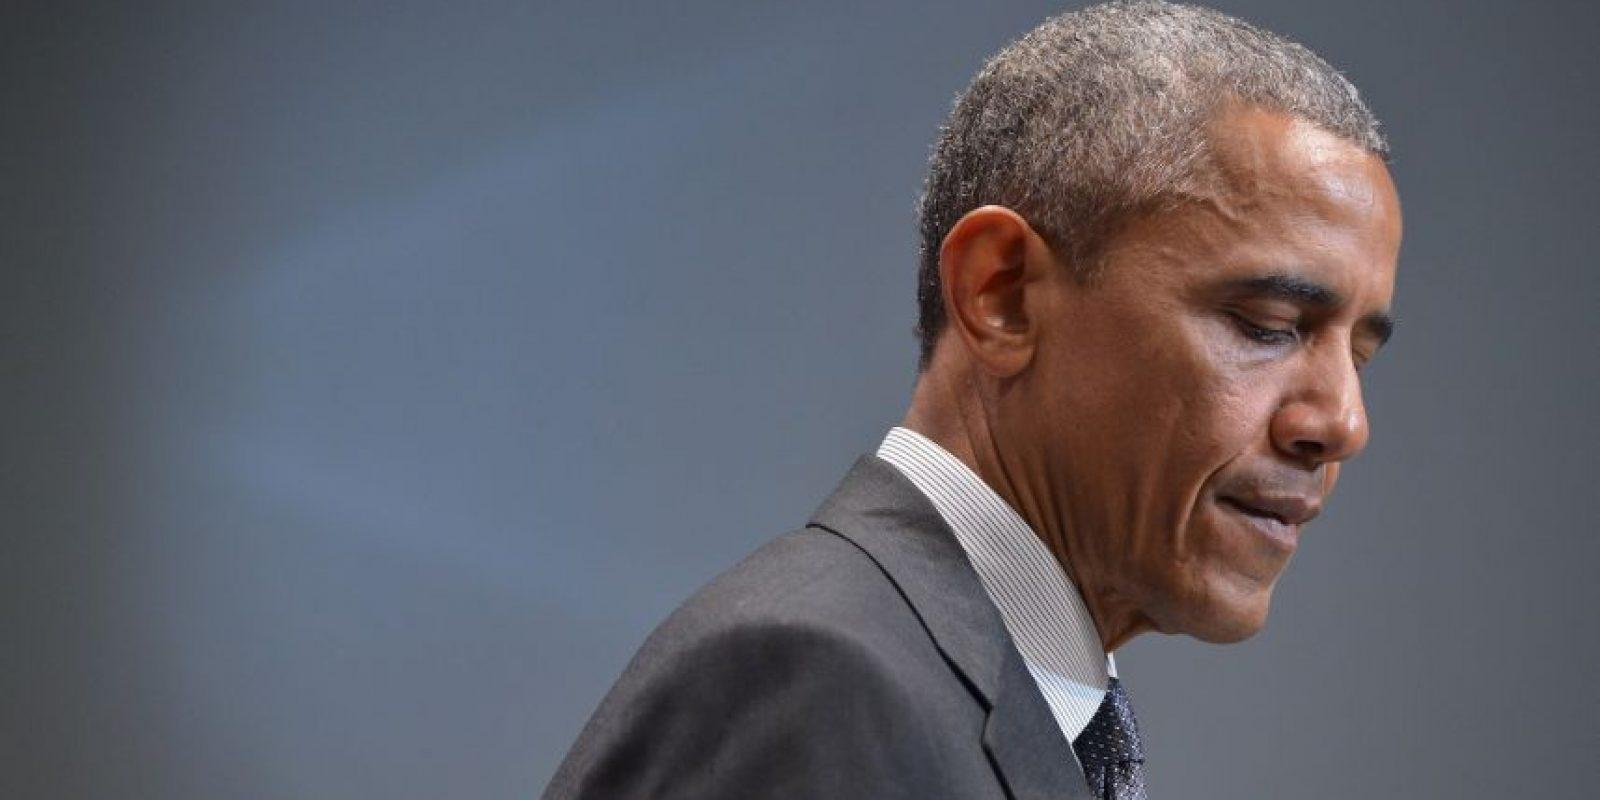 Barack Obama afirmó que los estadounidense no han olvidado el racismo que se vivió en tiempos pasados. Foto:AFP